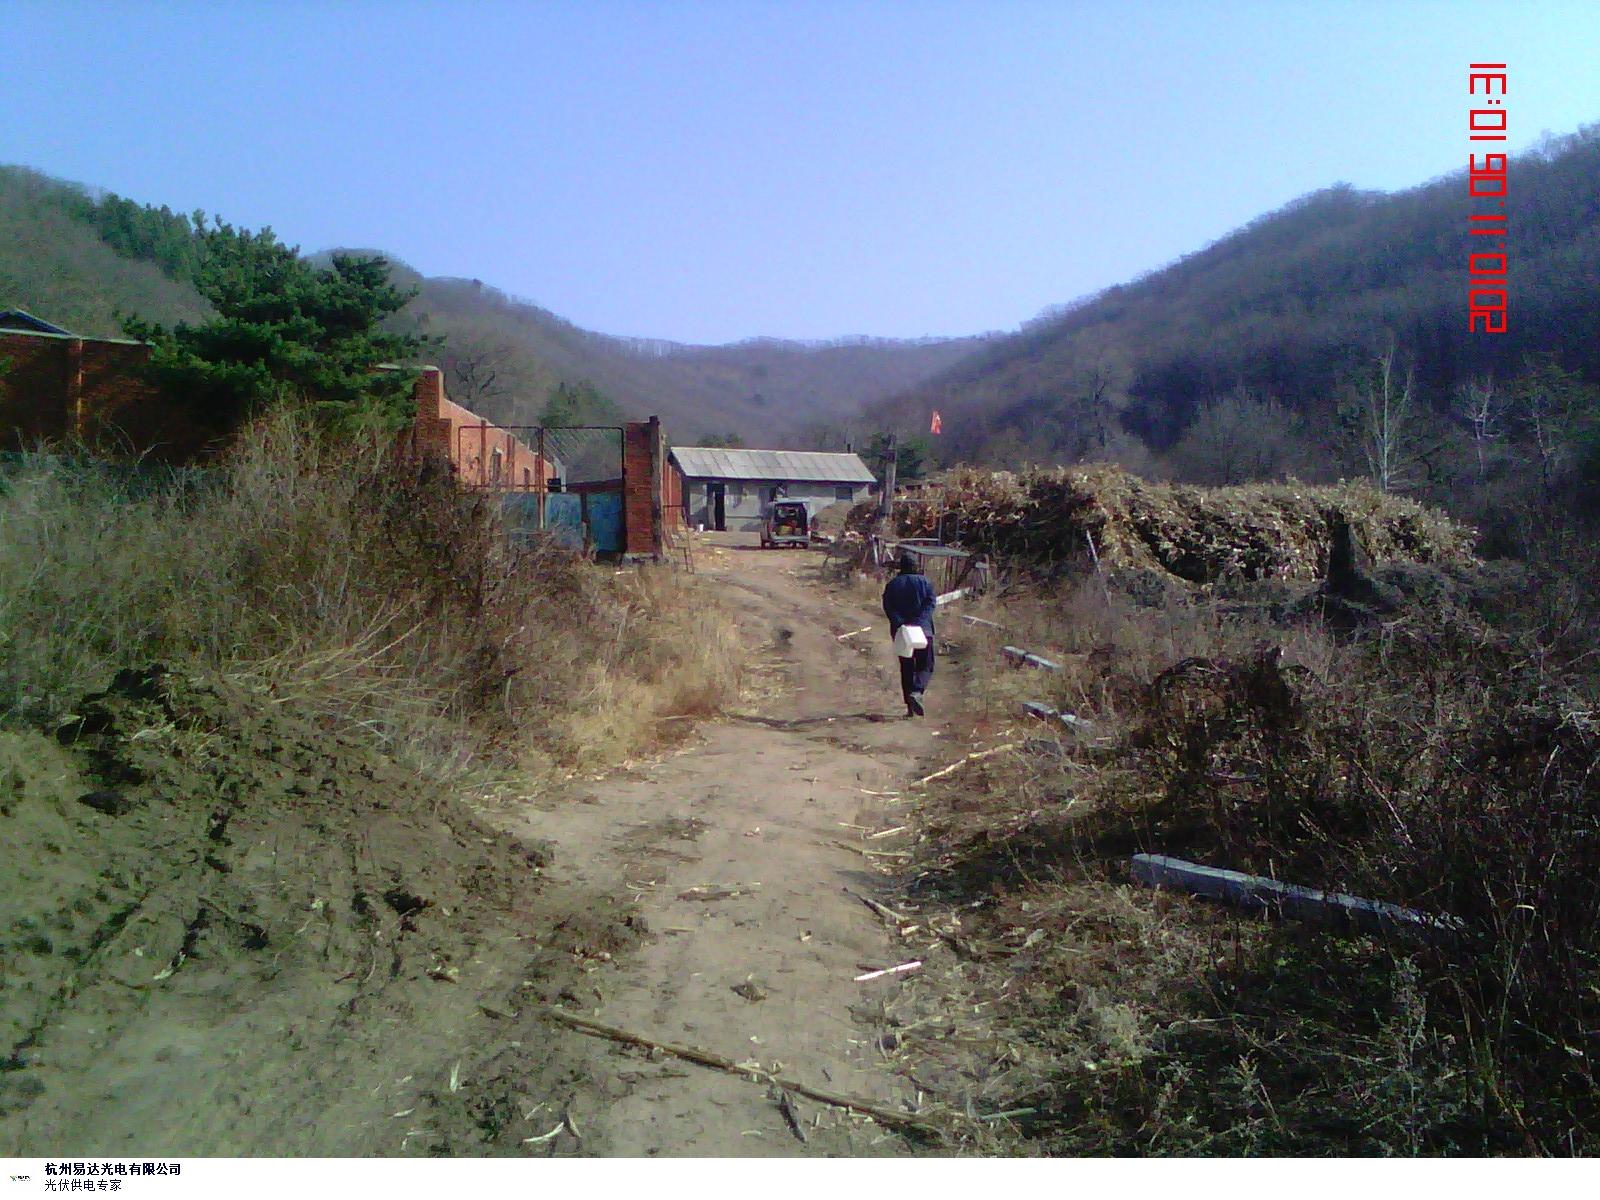 浙江家用太阳能发电厂家 服务至上 杭州易达光电供应